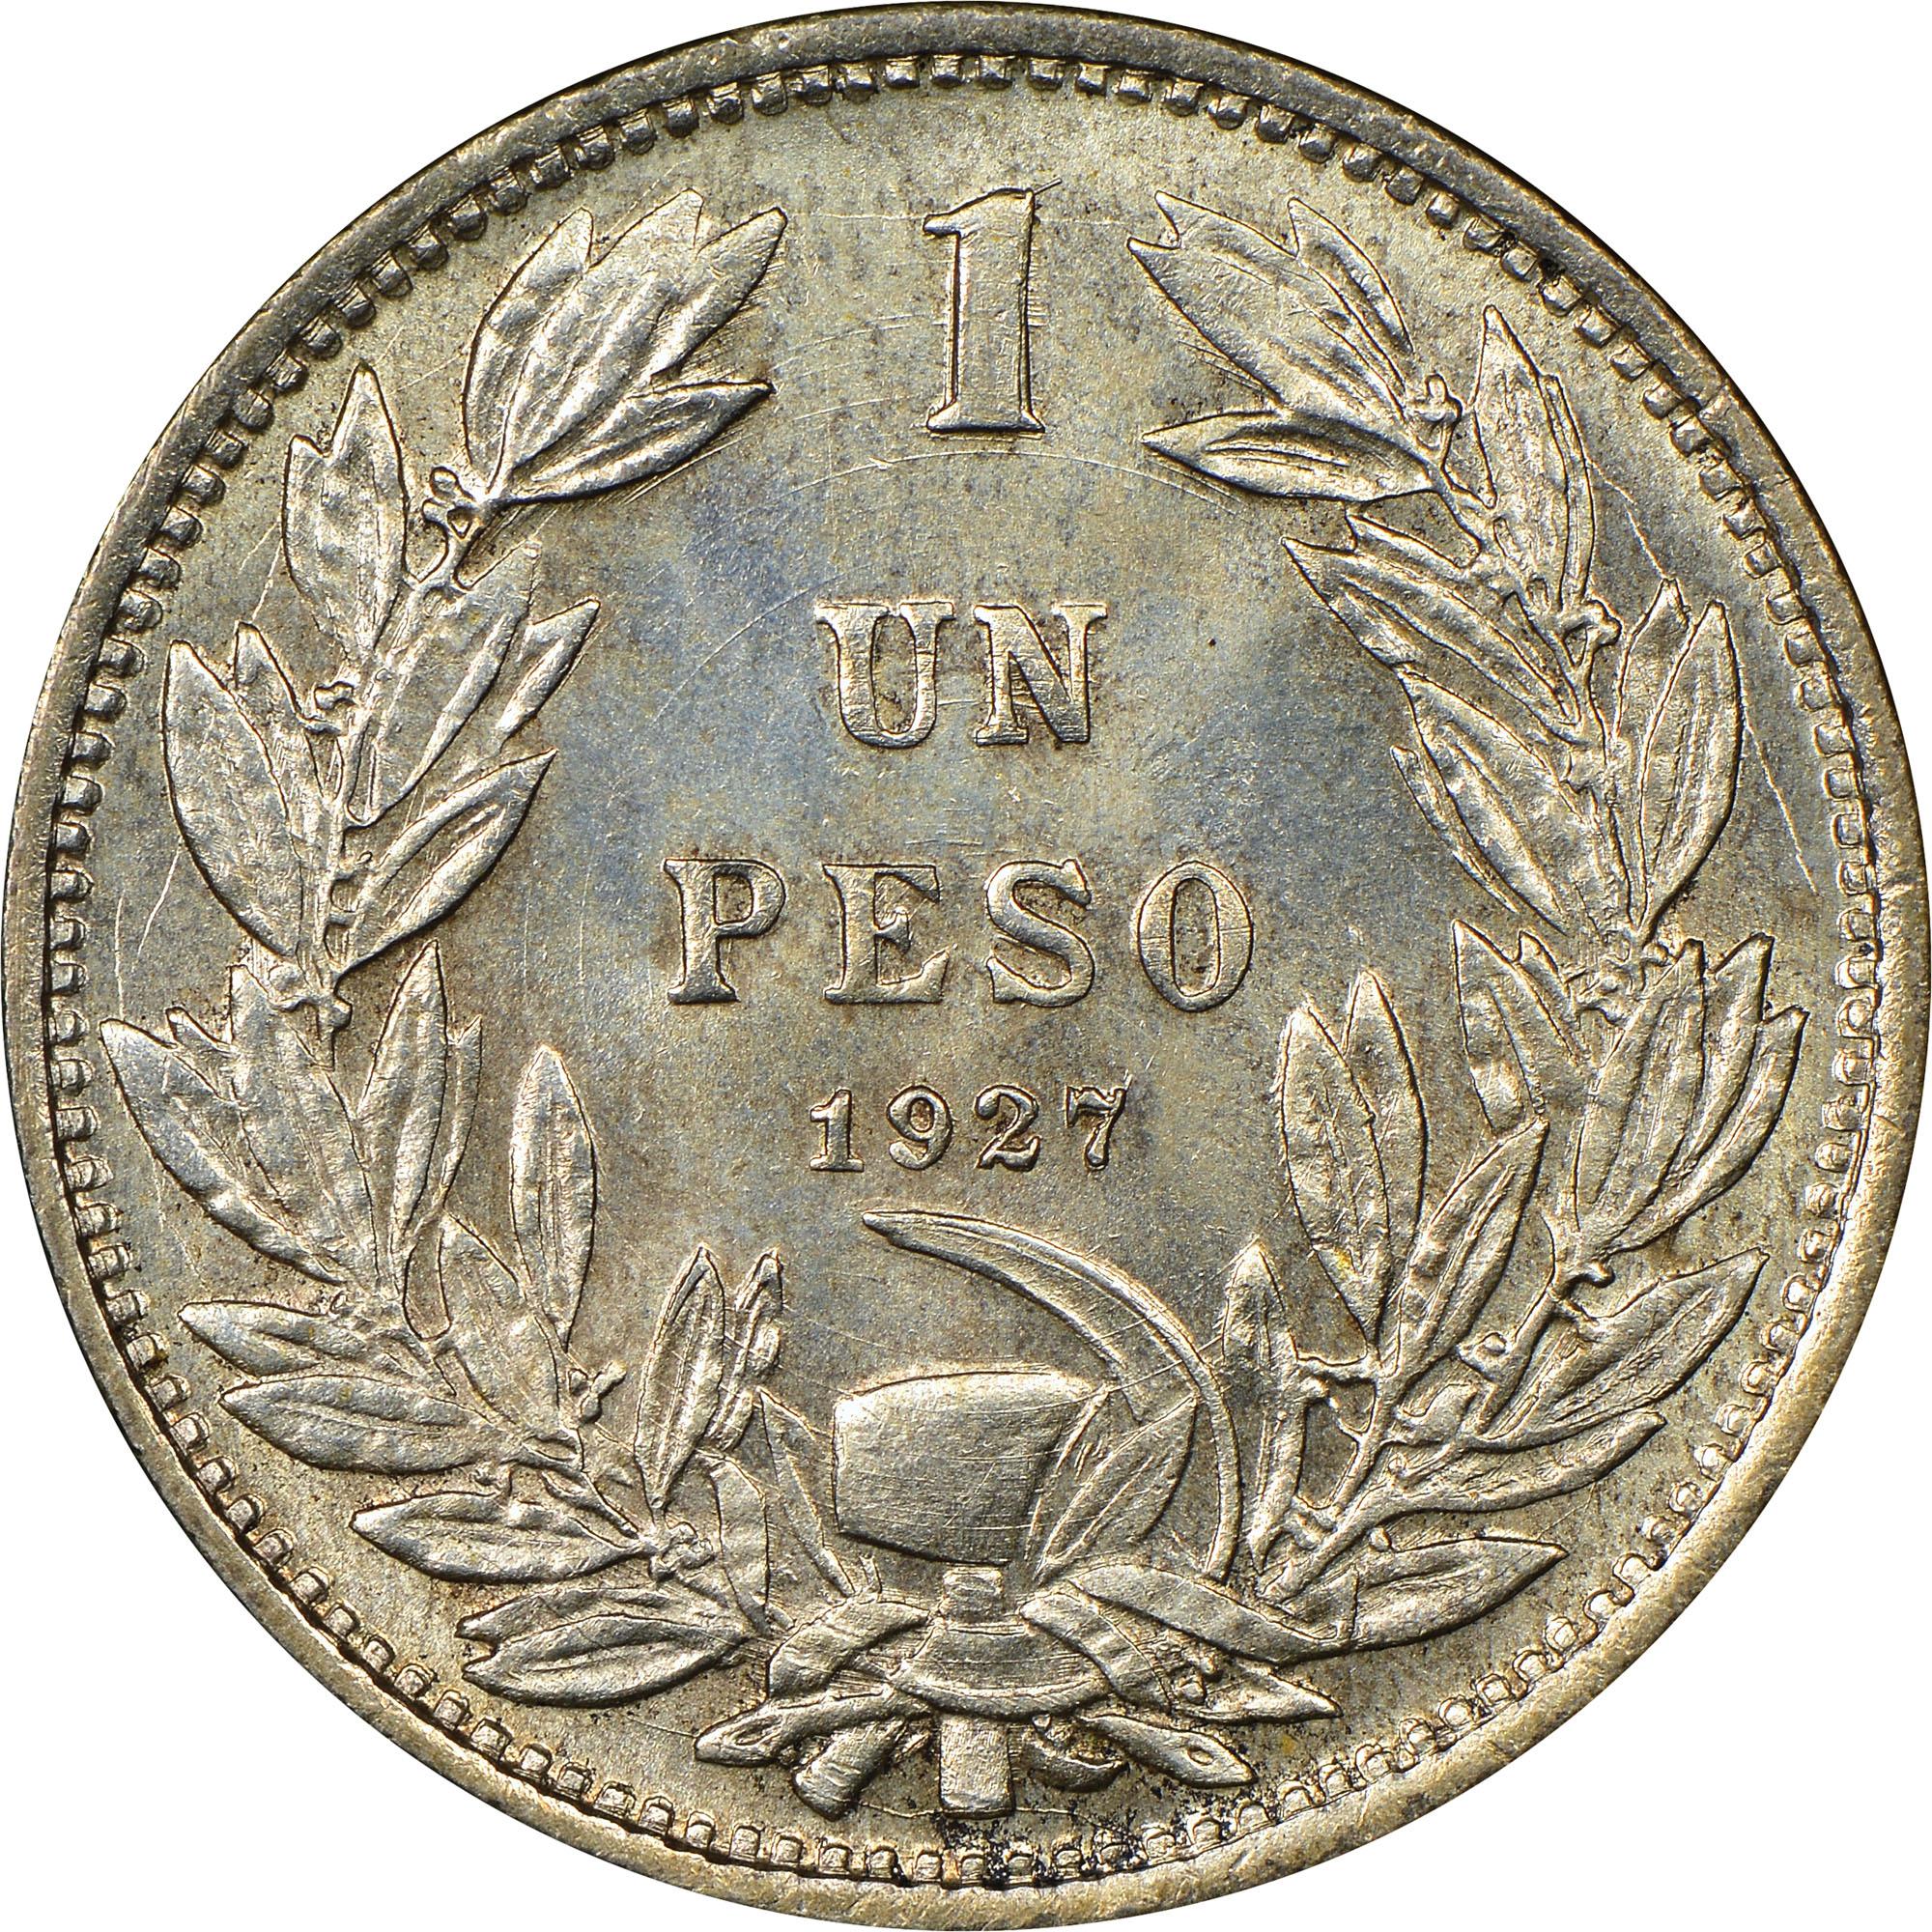 Chile Peso reverse